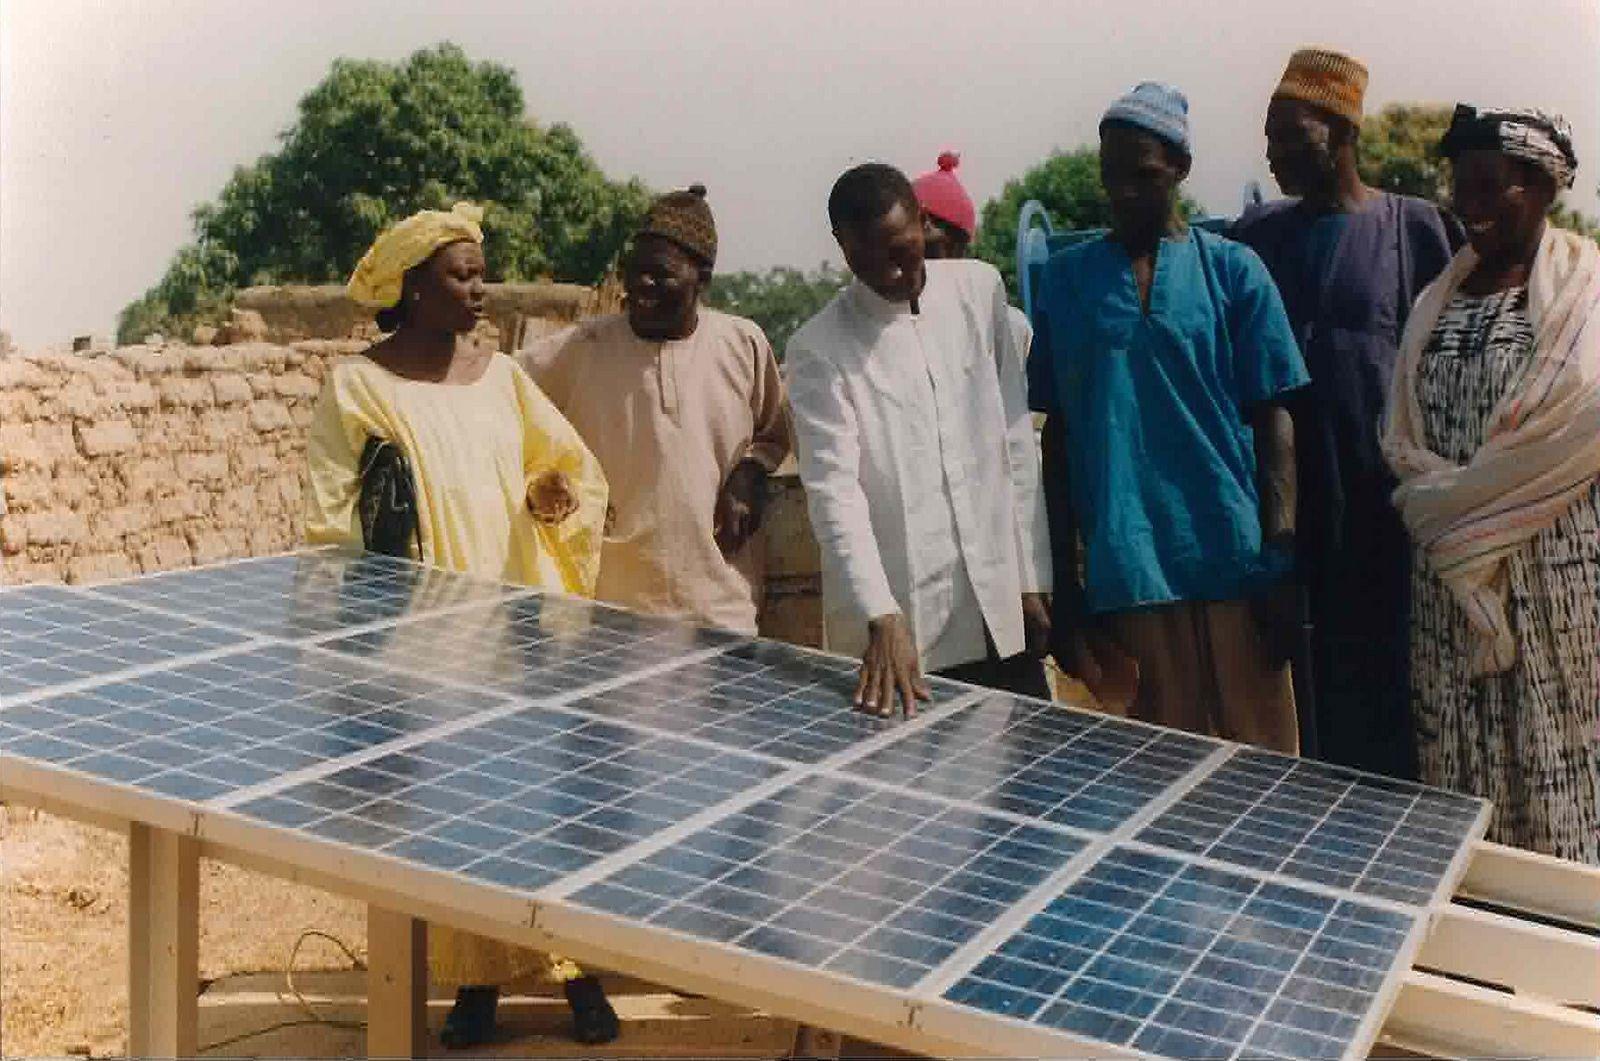 Le solaire en afrique une opportunit pour la technologie fran aise l 39 - Fours solaires en afrique ...